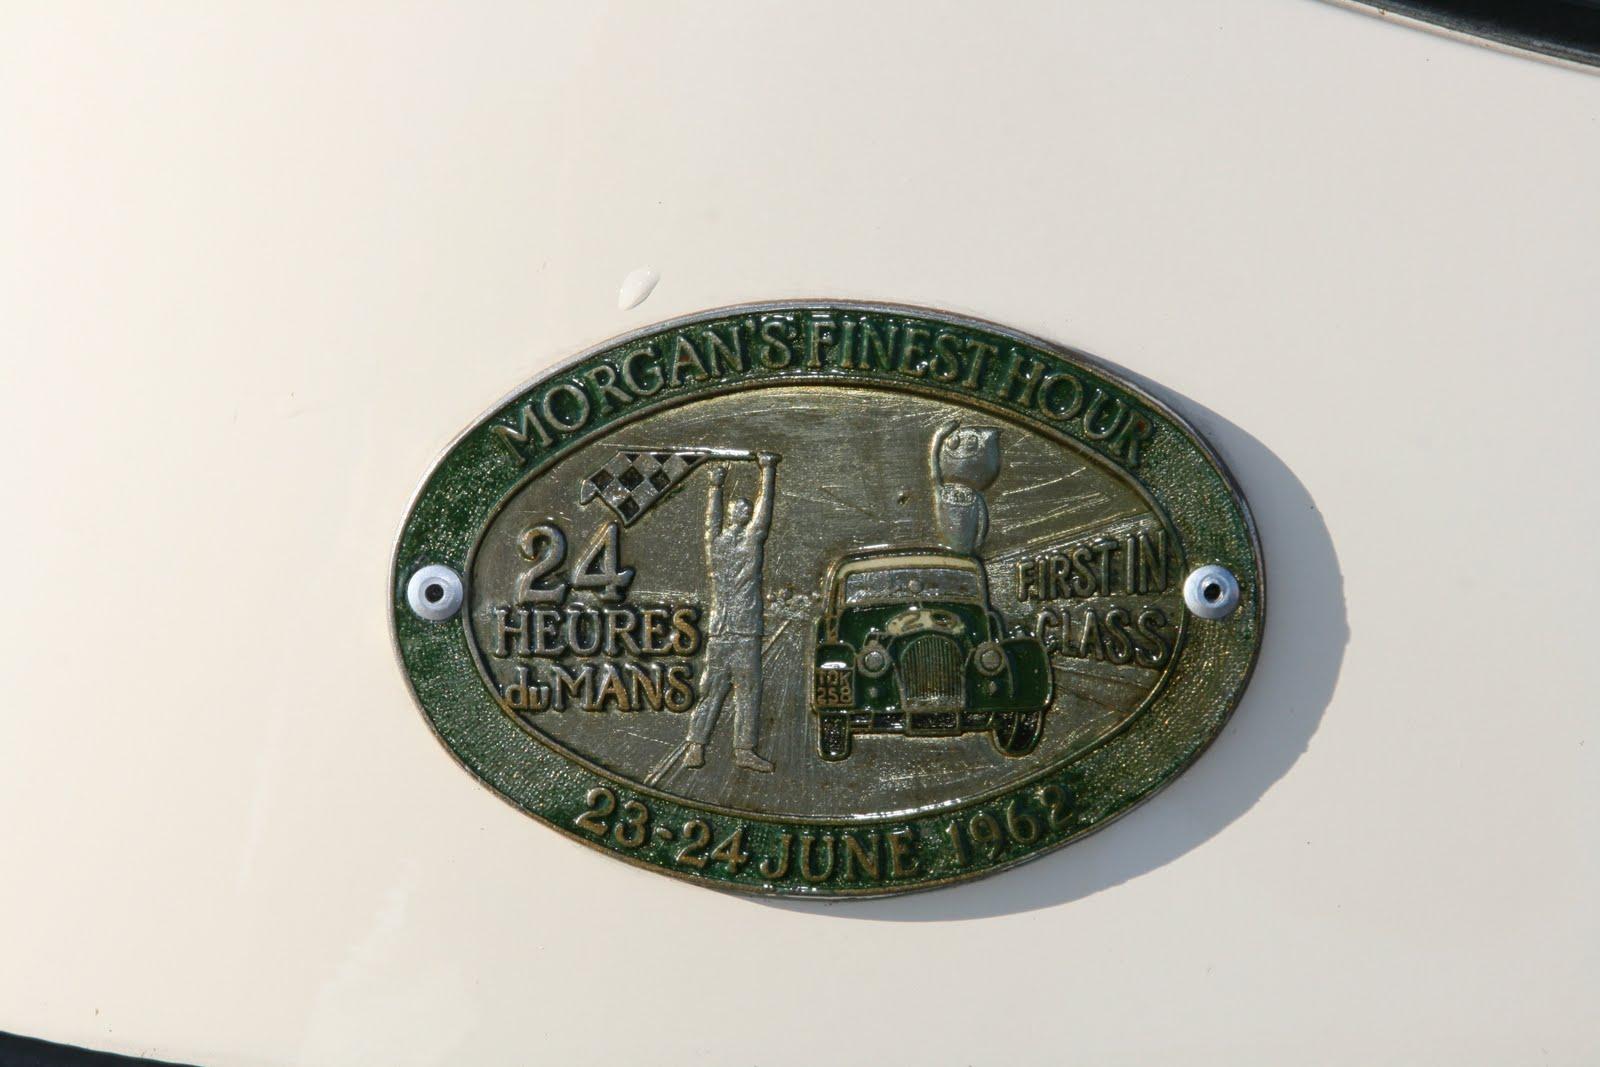 Morgan siegte 1962 in Le Mans